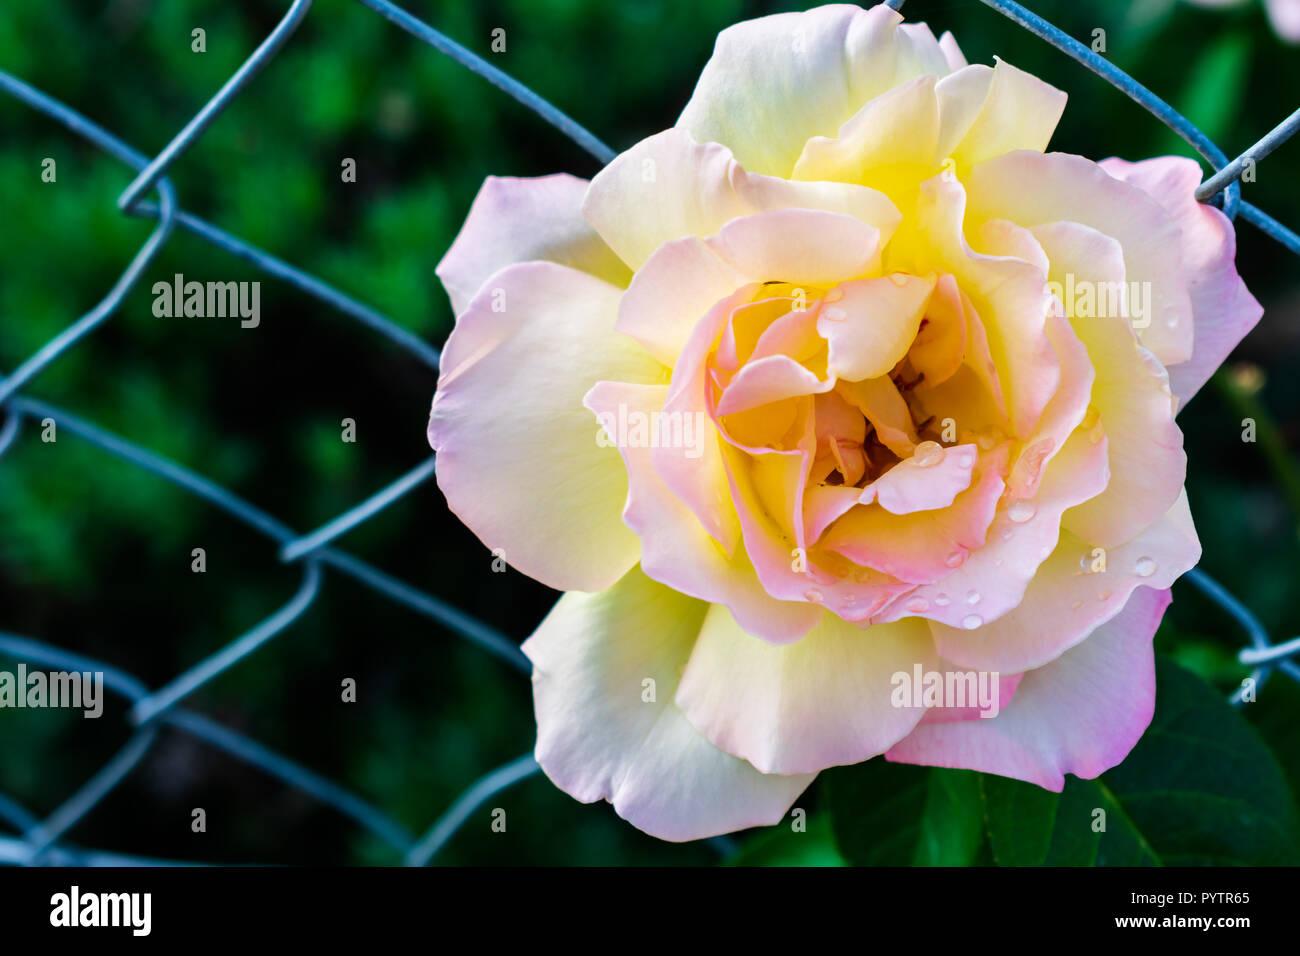 Rose in Weiß Rosa mit Tropfen Wasser wachsen durch einen Zaun Stockbild